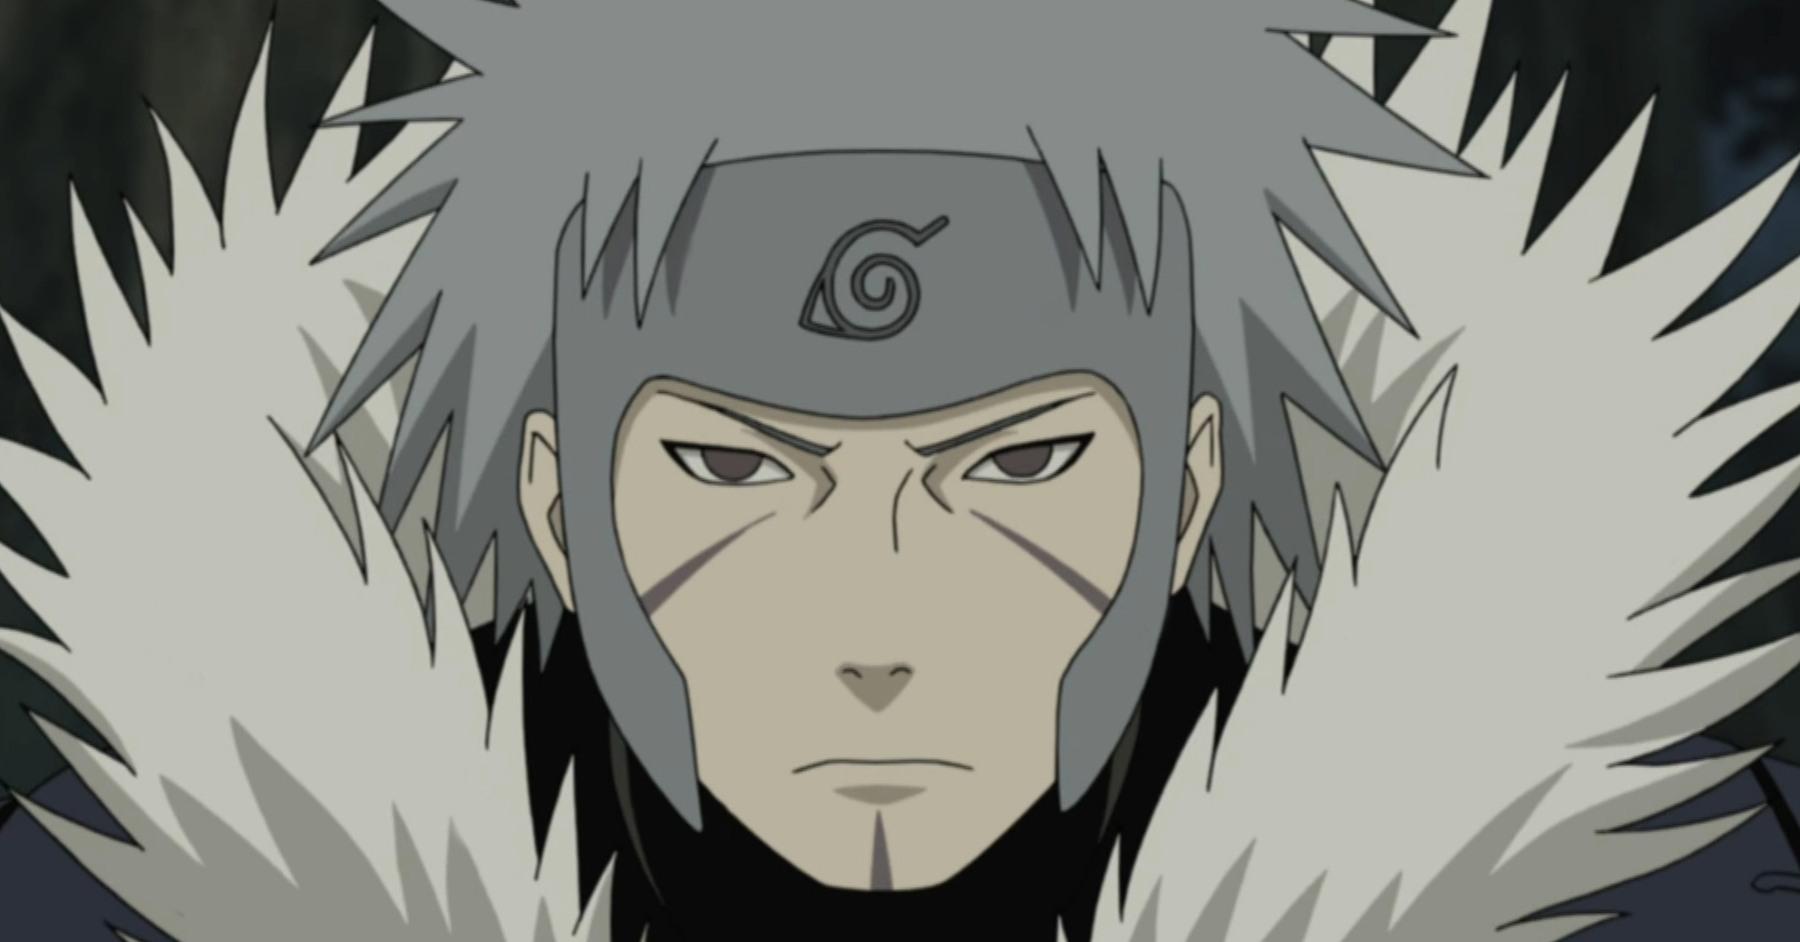 Personagens randons que parecem fodas. Tobirama-Senju-Naruto-capa